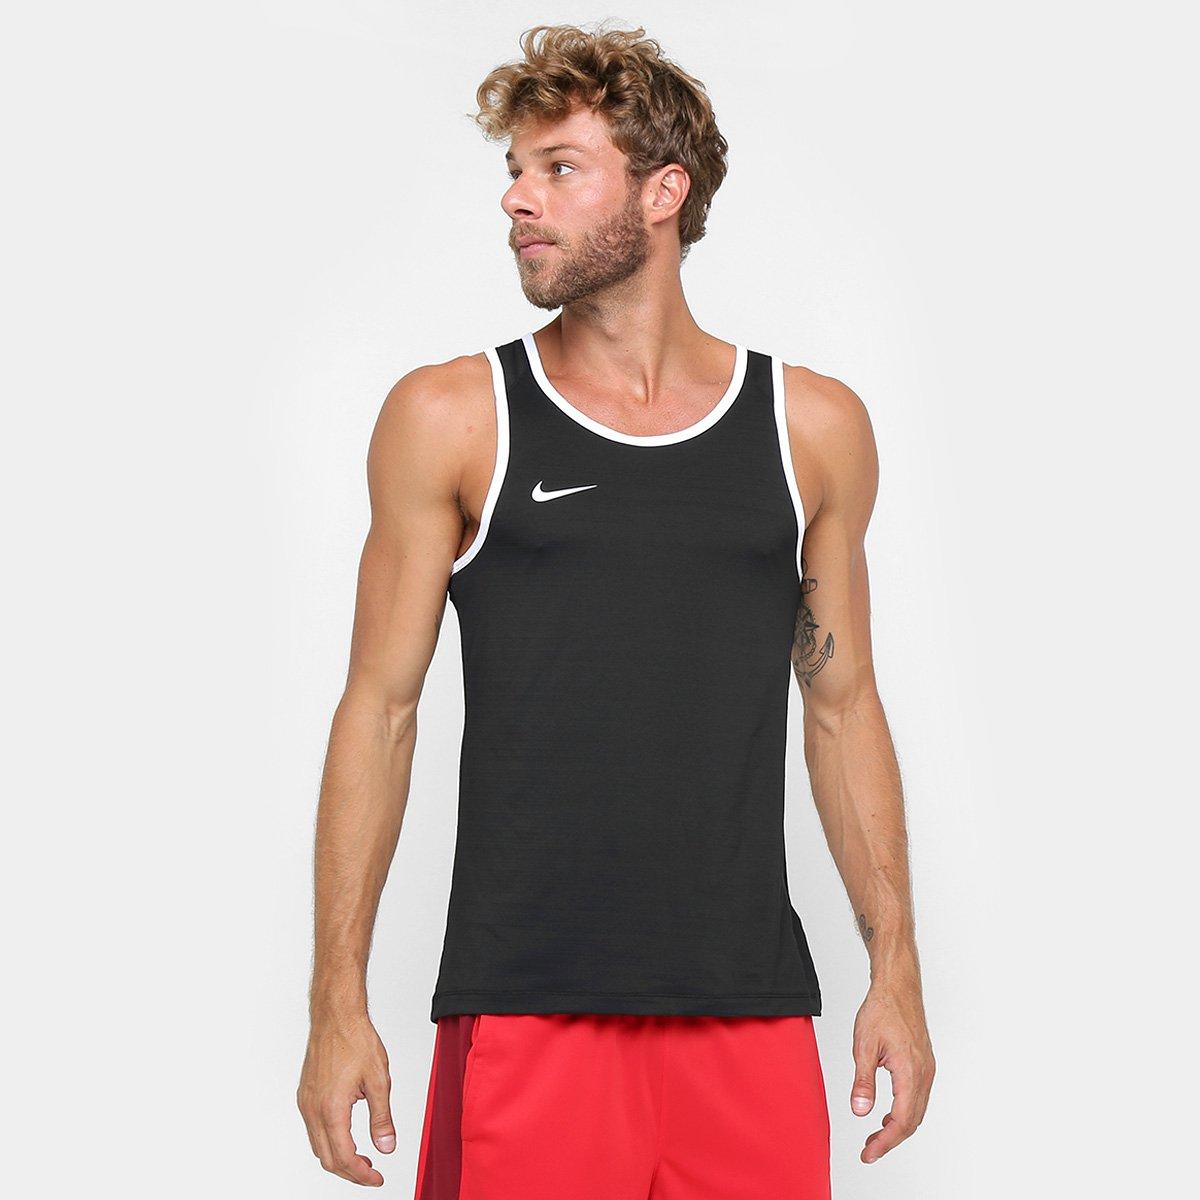 Camiseta Regata Nike SL Crossover - Preto - Compre Agora  bc975807f02